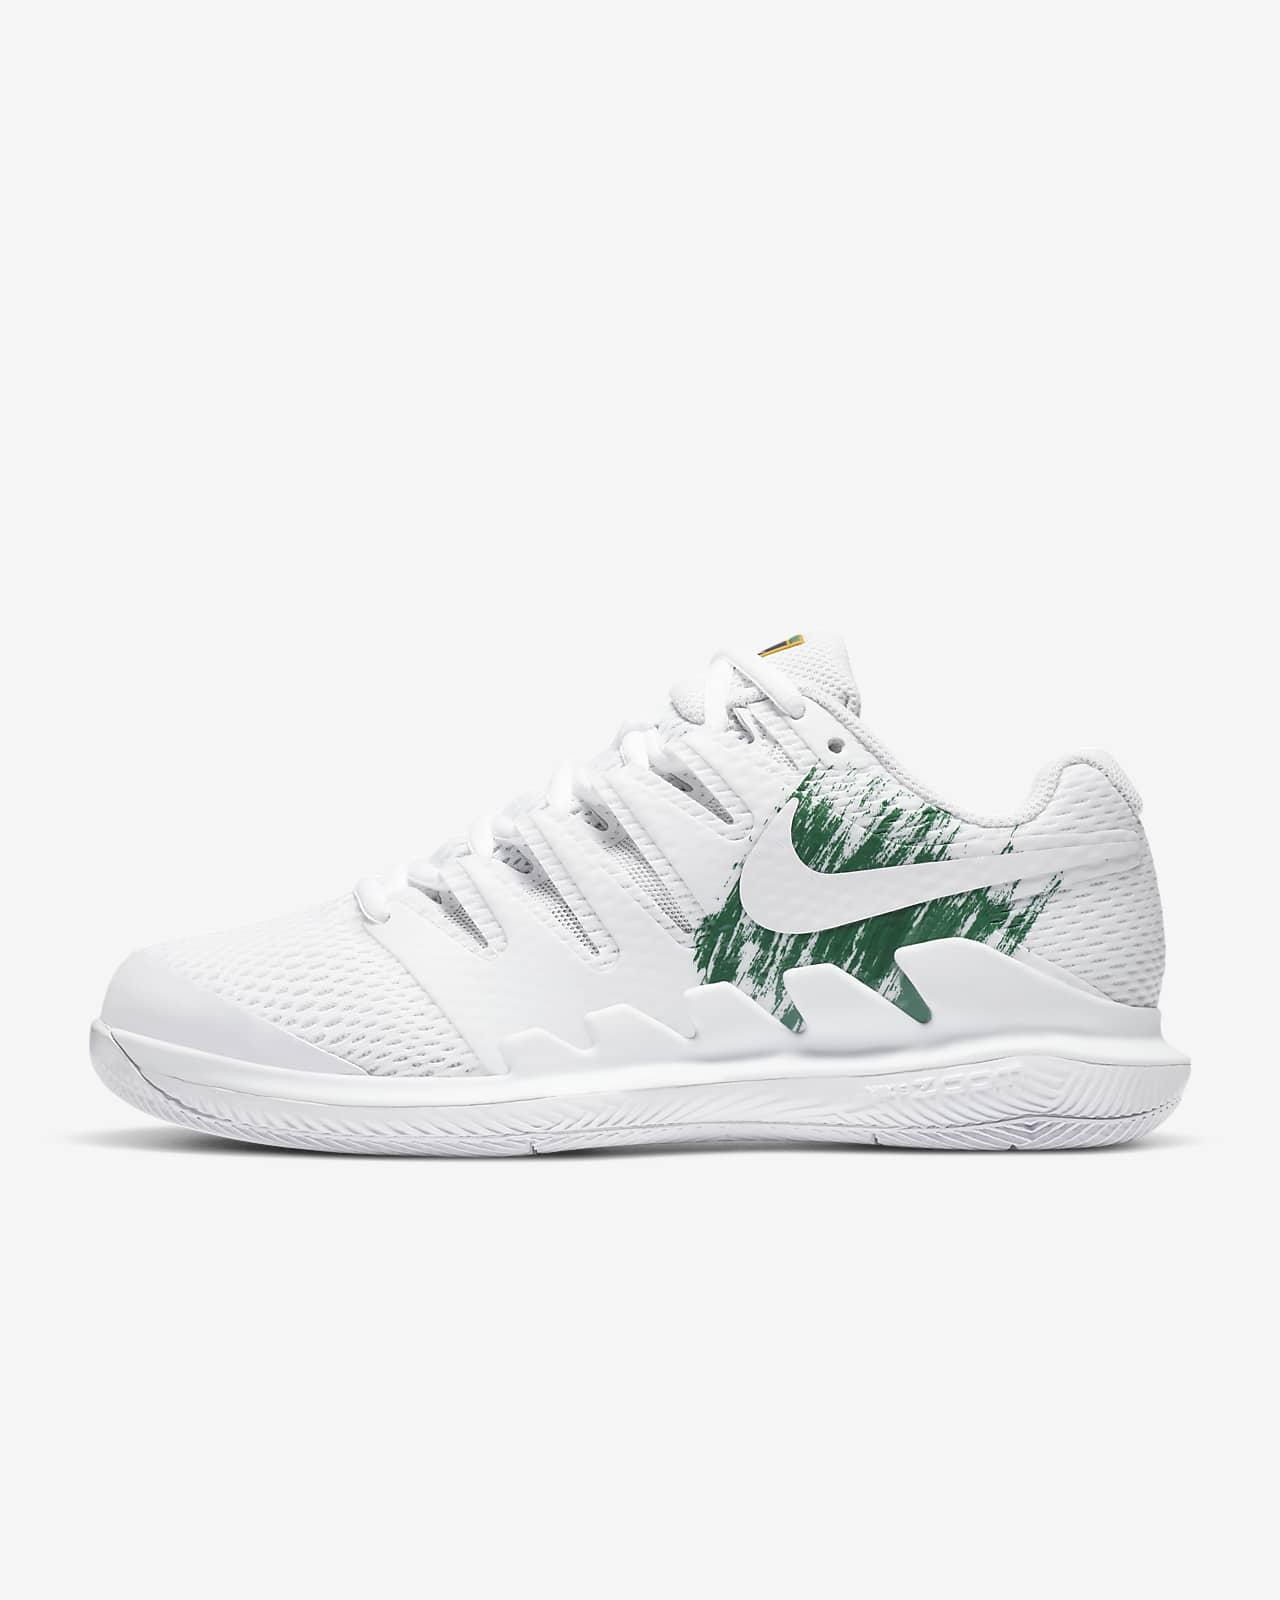 Nikecourt Air Zoom Vapor X Women S Hard Court Tennis Shoe Nike Lu